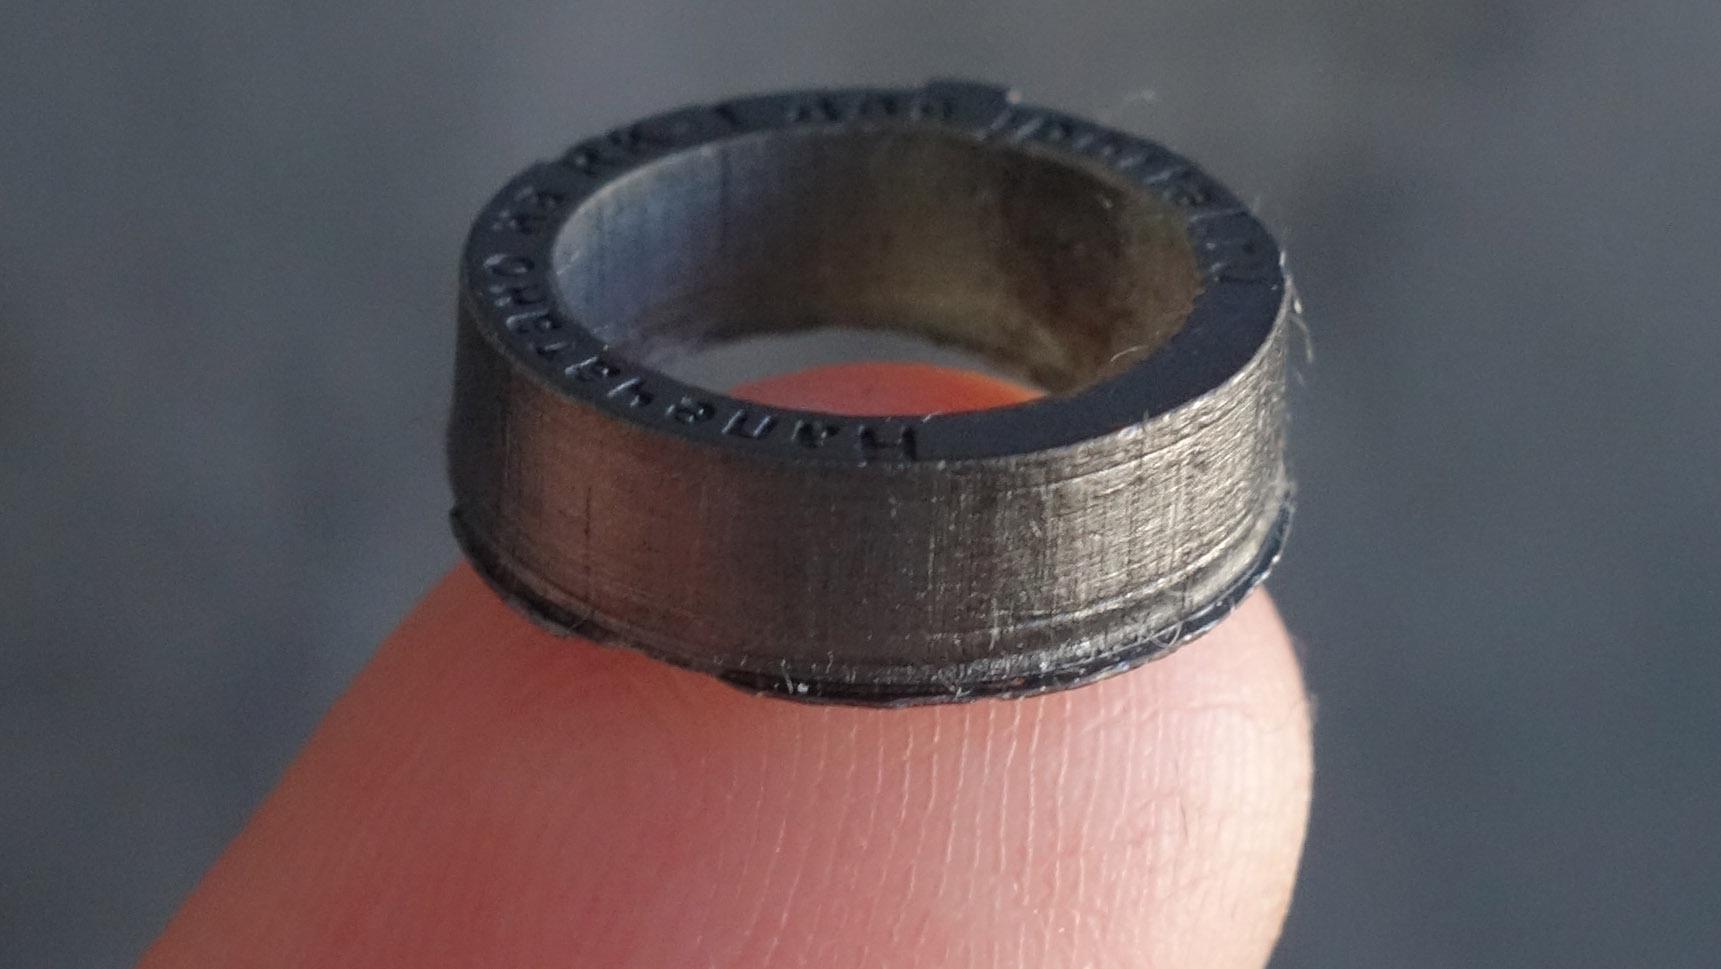 Проверяем 3D печать на высоком разрешении (10 мкм) - 5